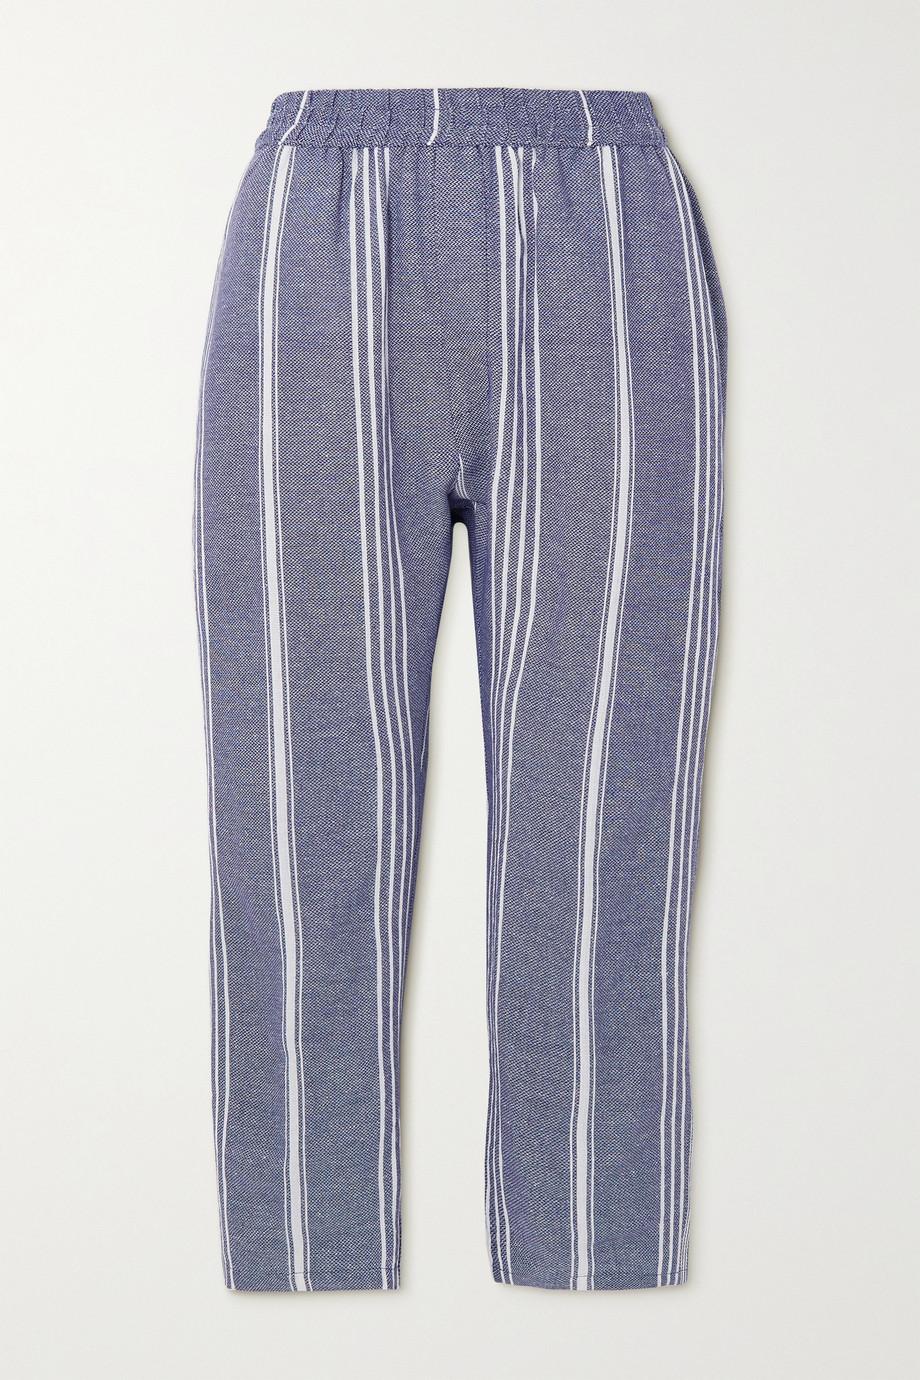 Paradised Pantalon fuselé en coton à rayures - NET SUSTAIN